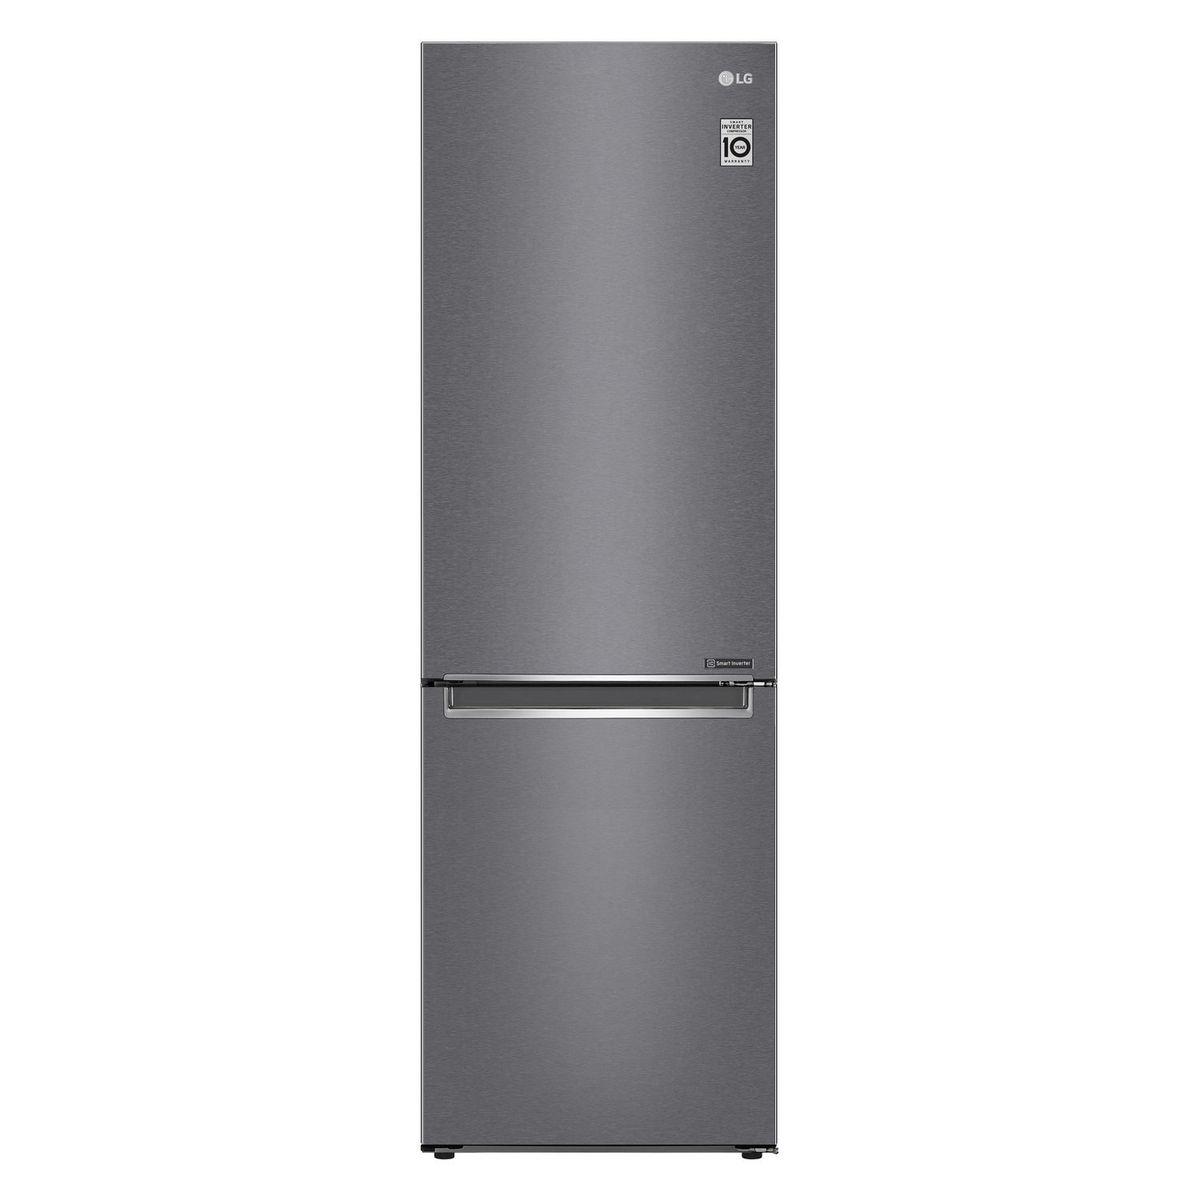 Réfrigérateur combiné GBP30DSLZN, 341 l, Froid no frost